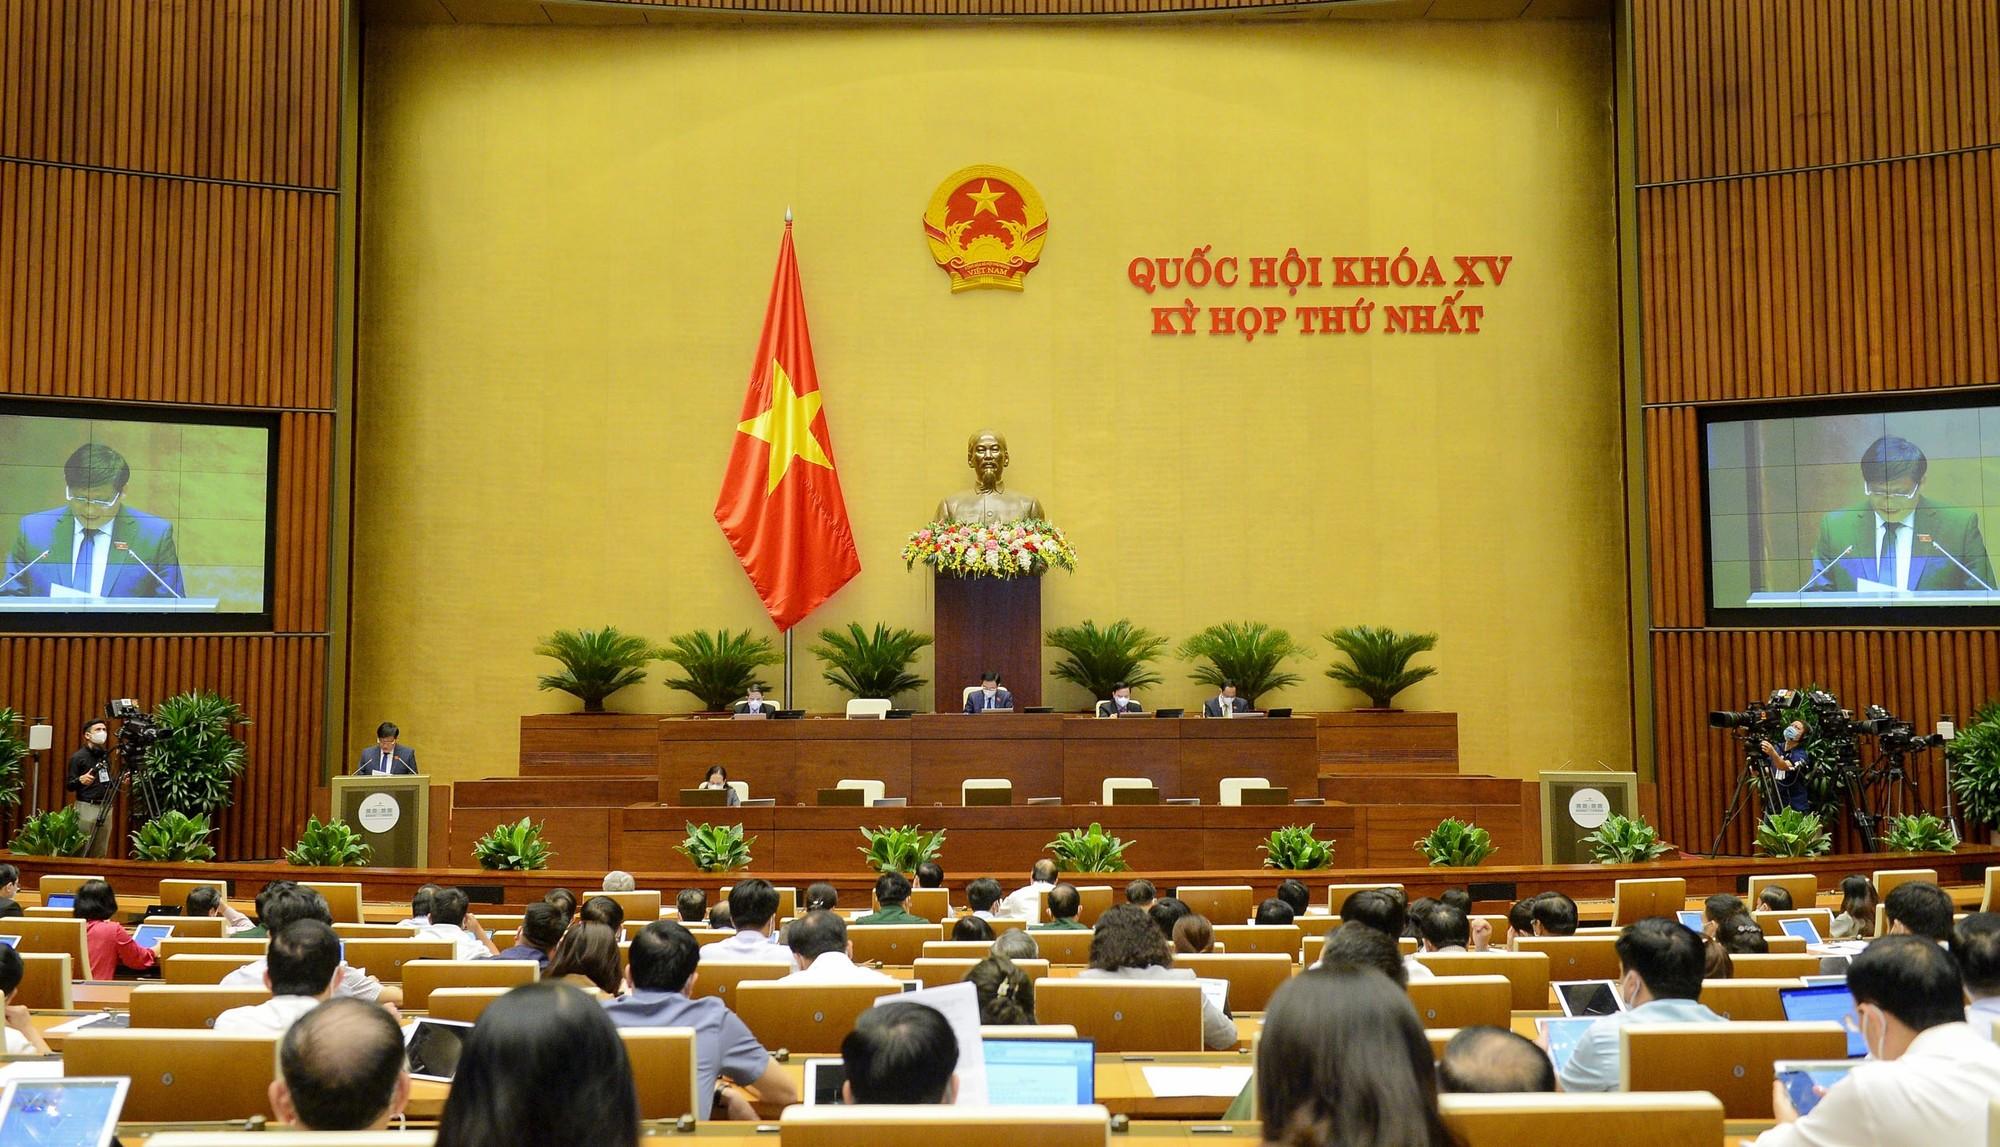 Trao quyền chủ động hơn cho Chính phủ, Thủ tướng trong quyết định biện pháp phòng chống dịch